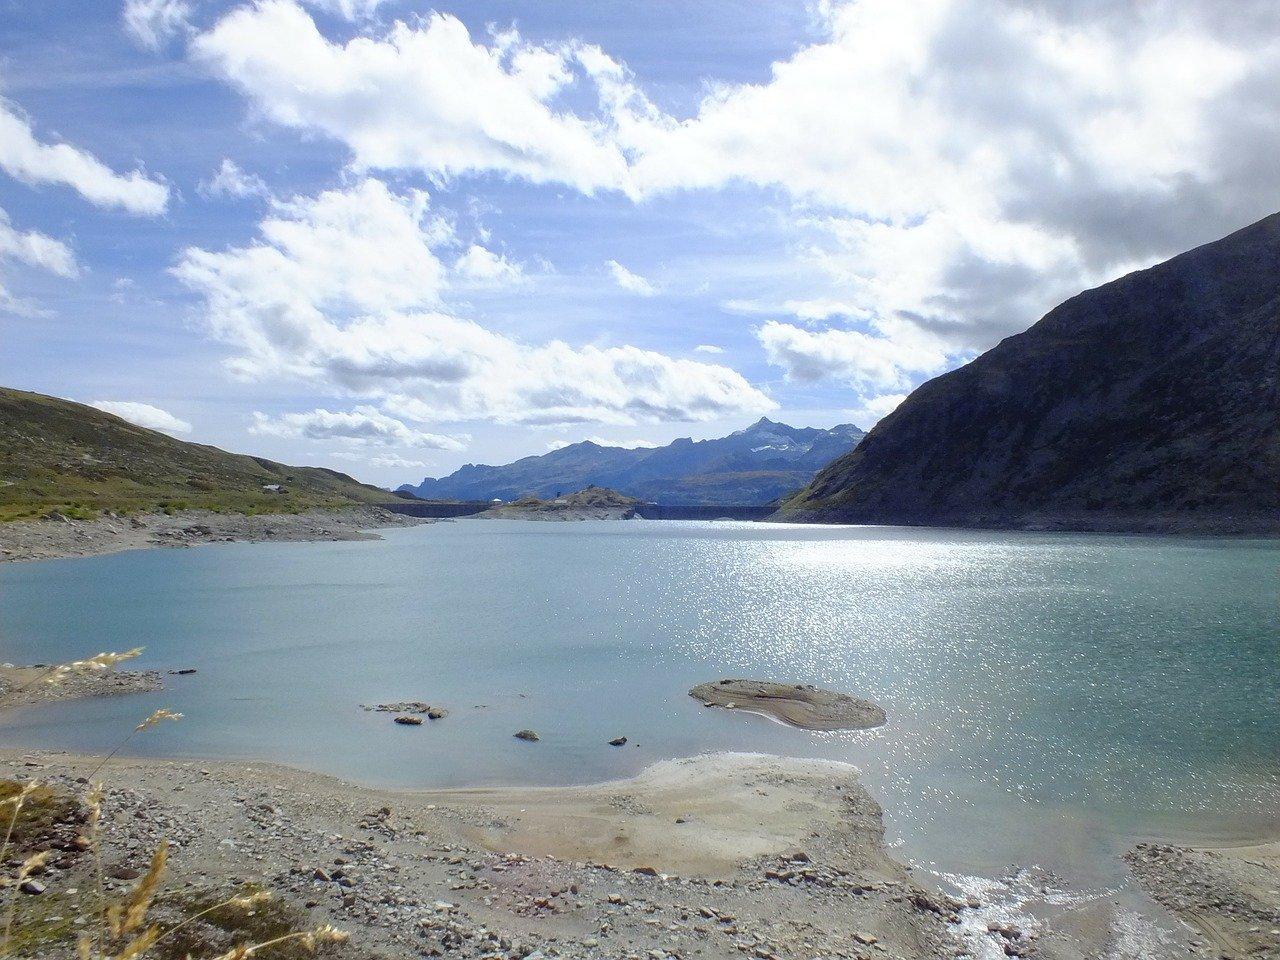 Lago splugen